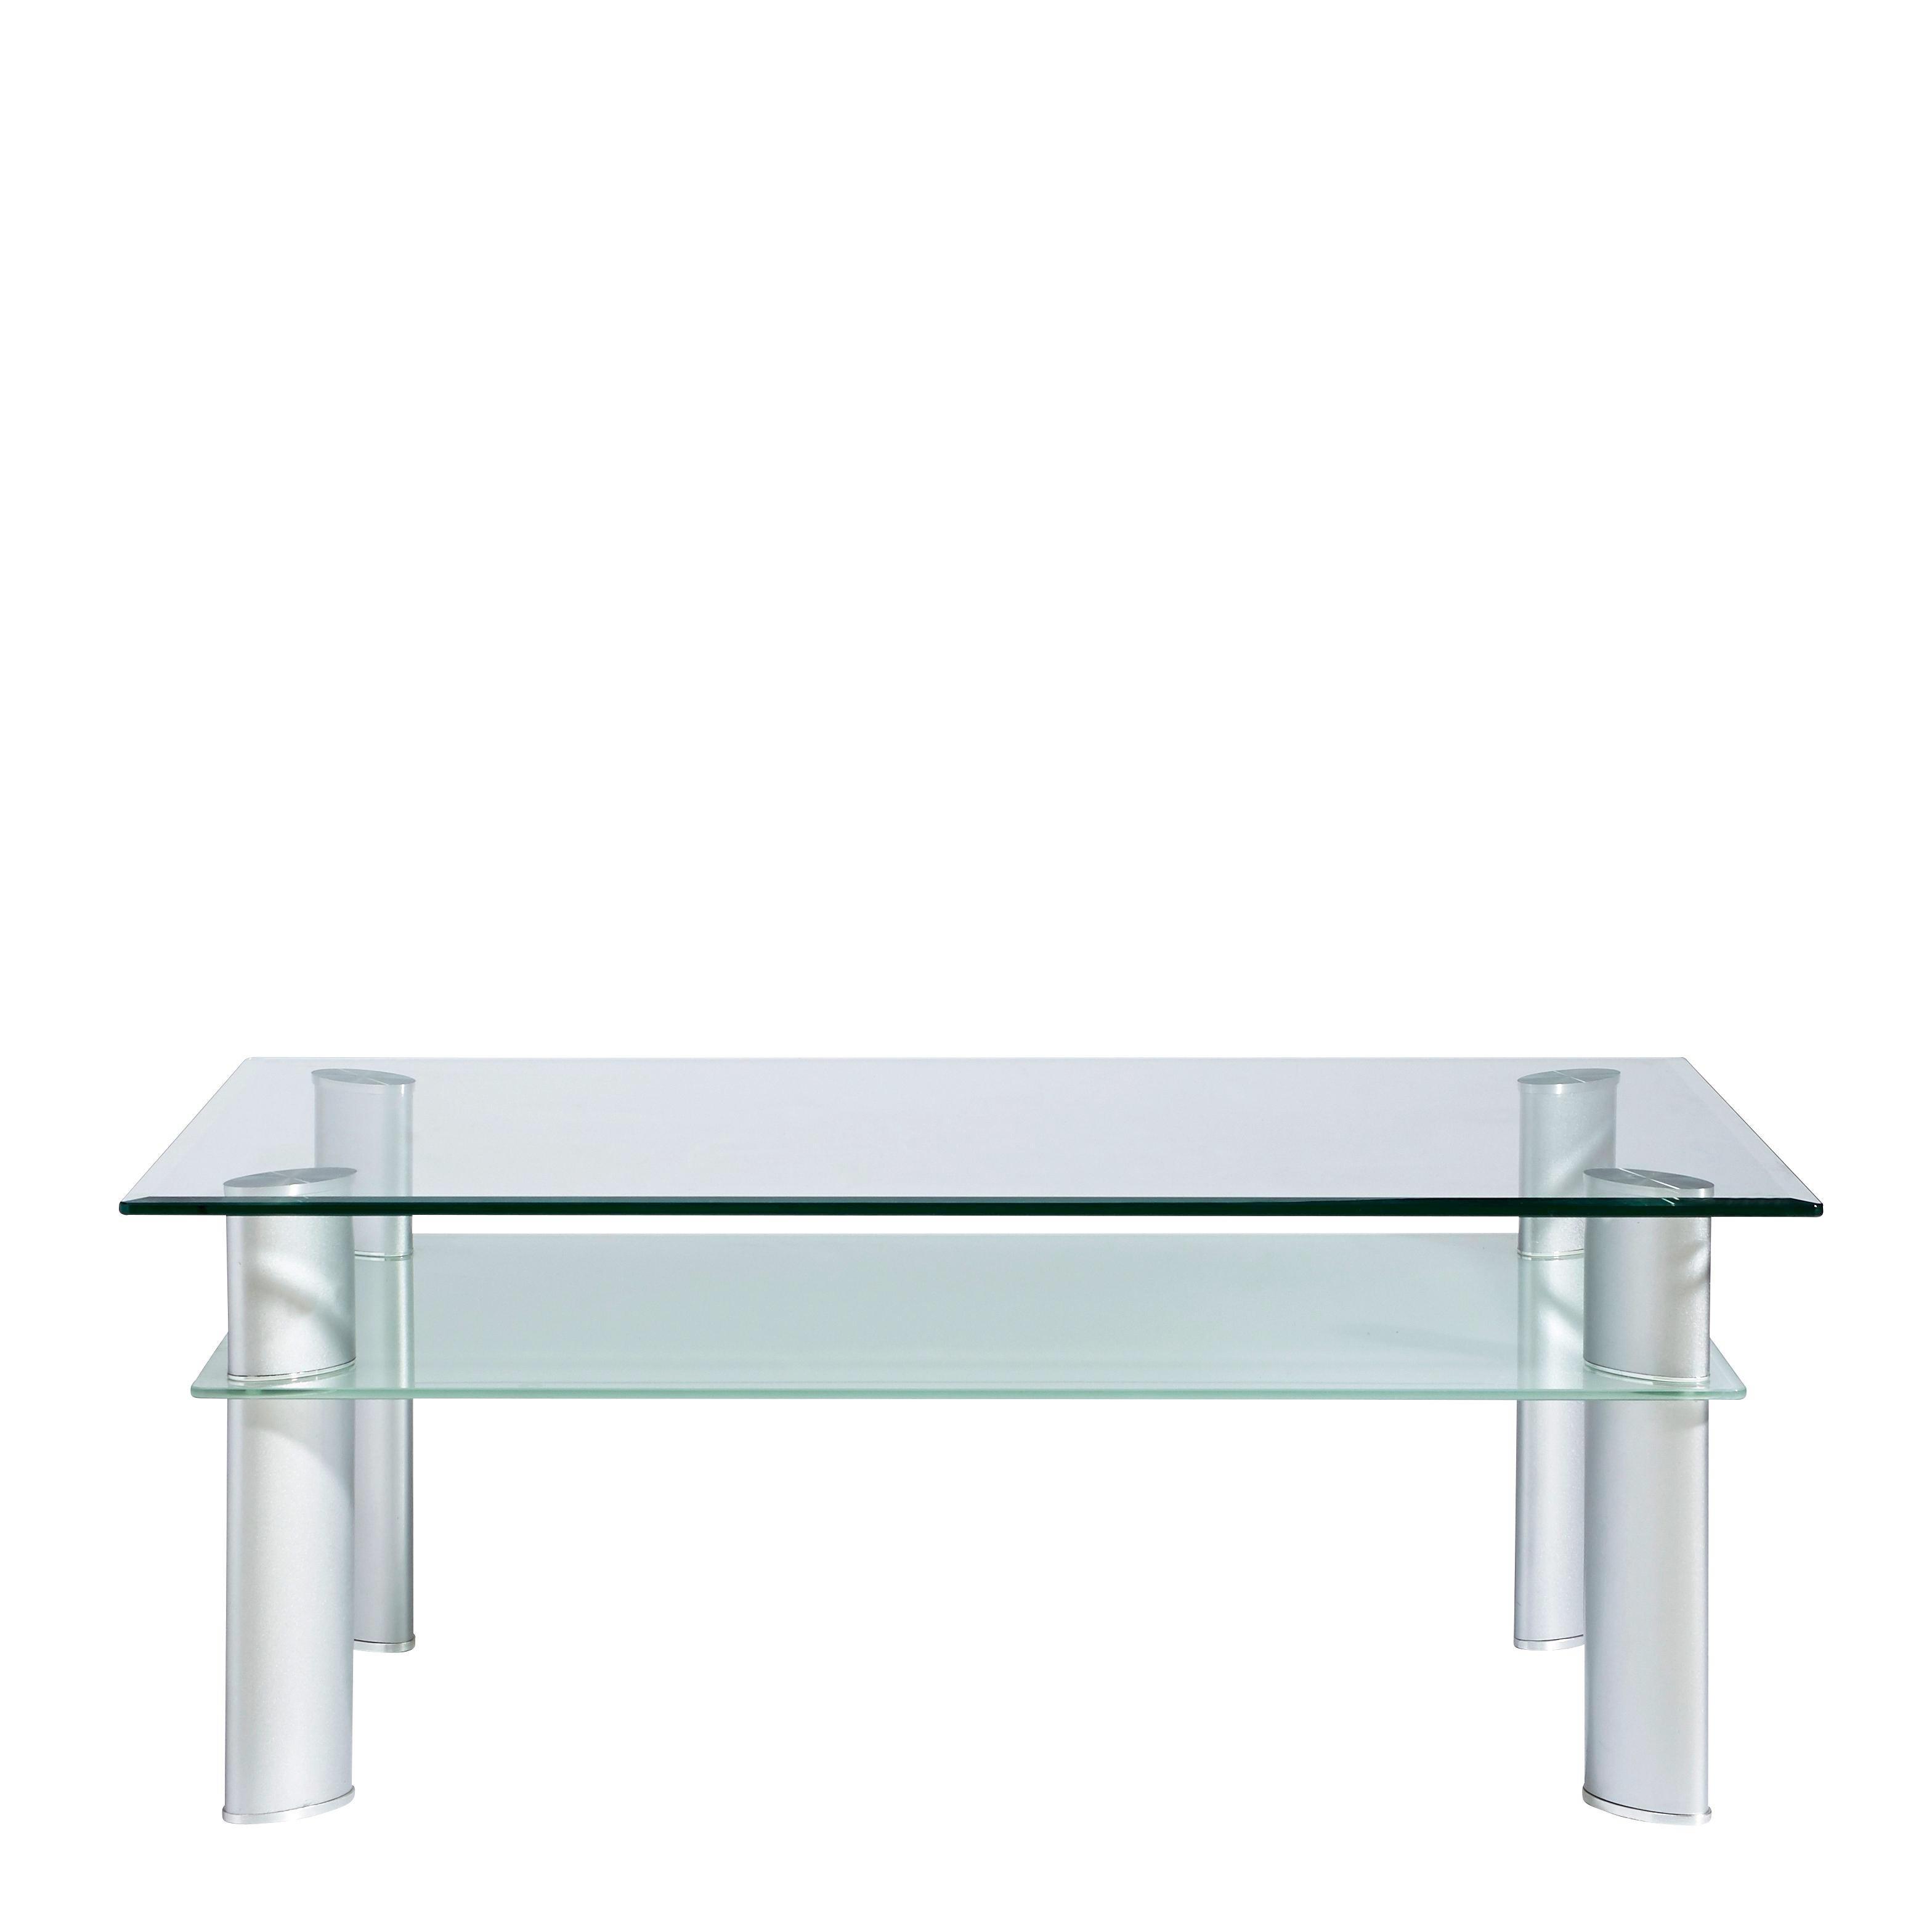 COUCHTISCH in 110/43/65 cm Chromfarben, Transparent - Chromfarben/Transparent, KONVENTIONELL, Glas/Metall (110/43/65cm) - XORA